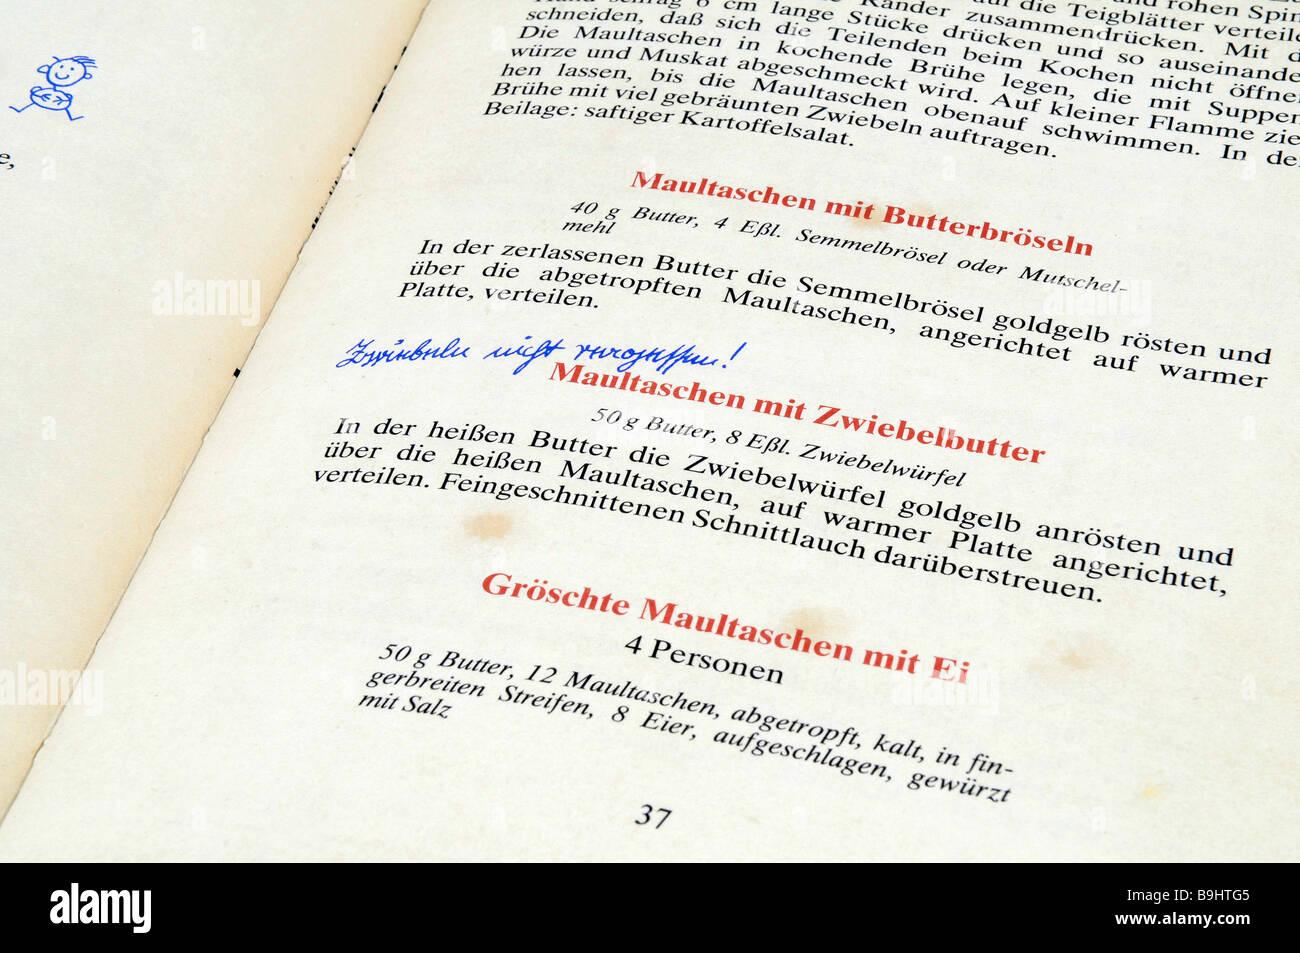 Rezepte in eine viel genutzte schwäbische Kochbuch Stockbild